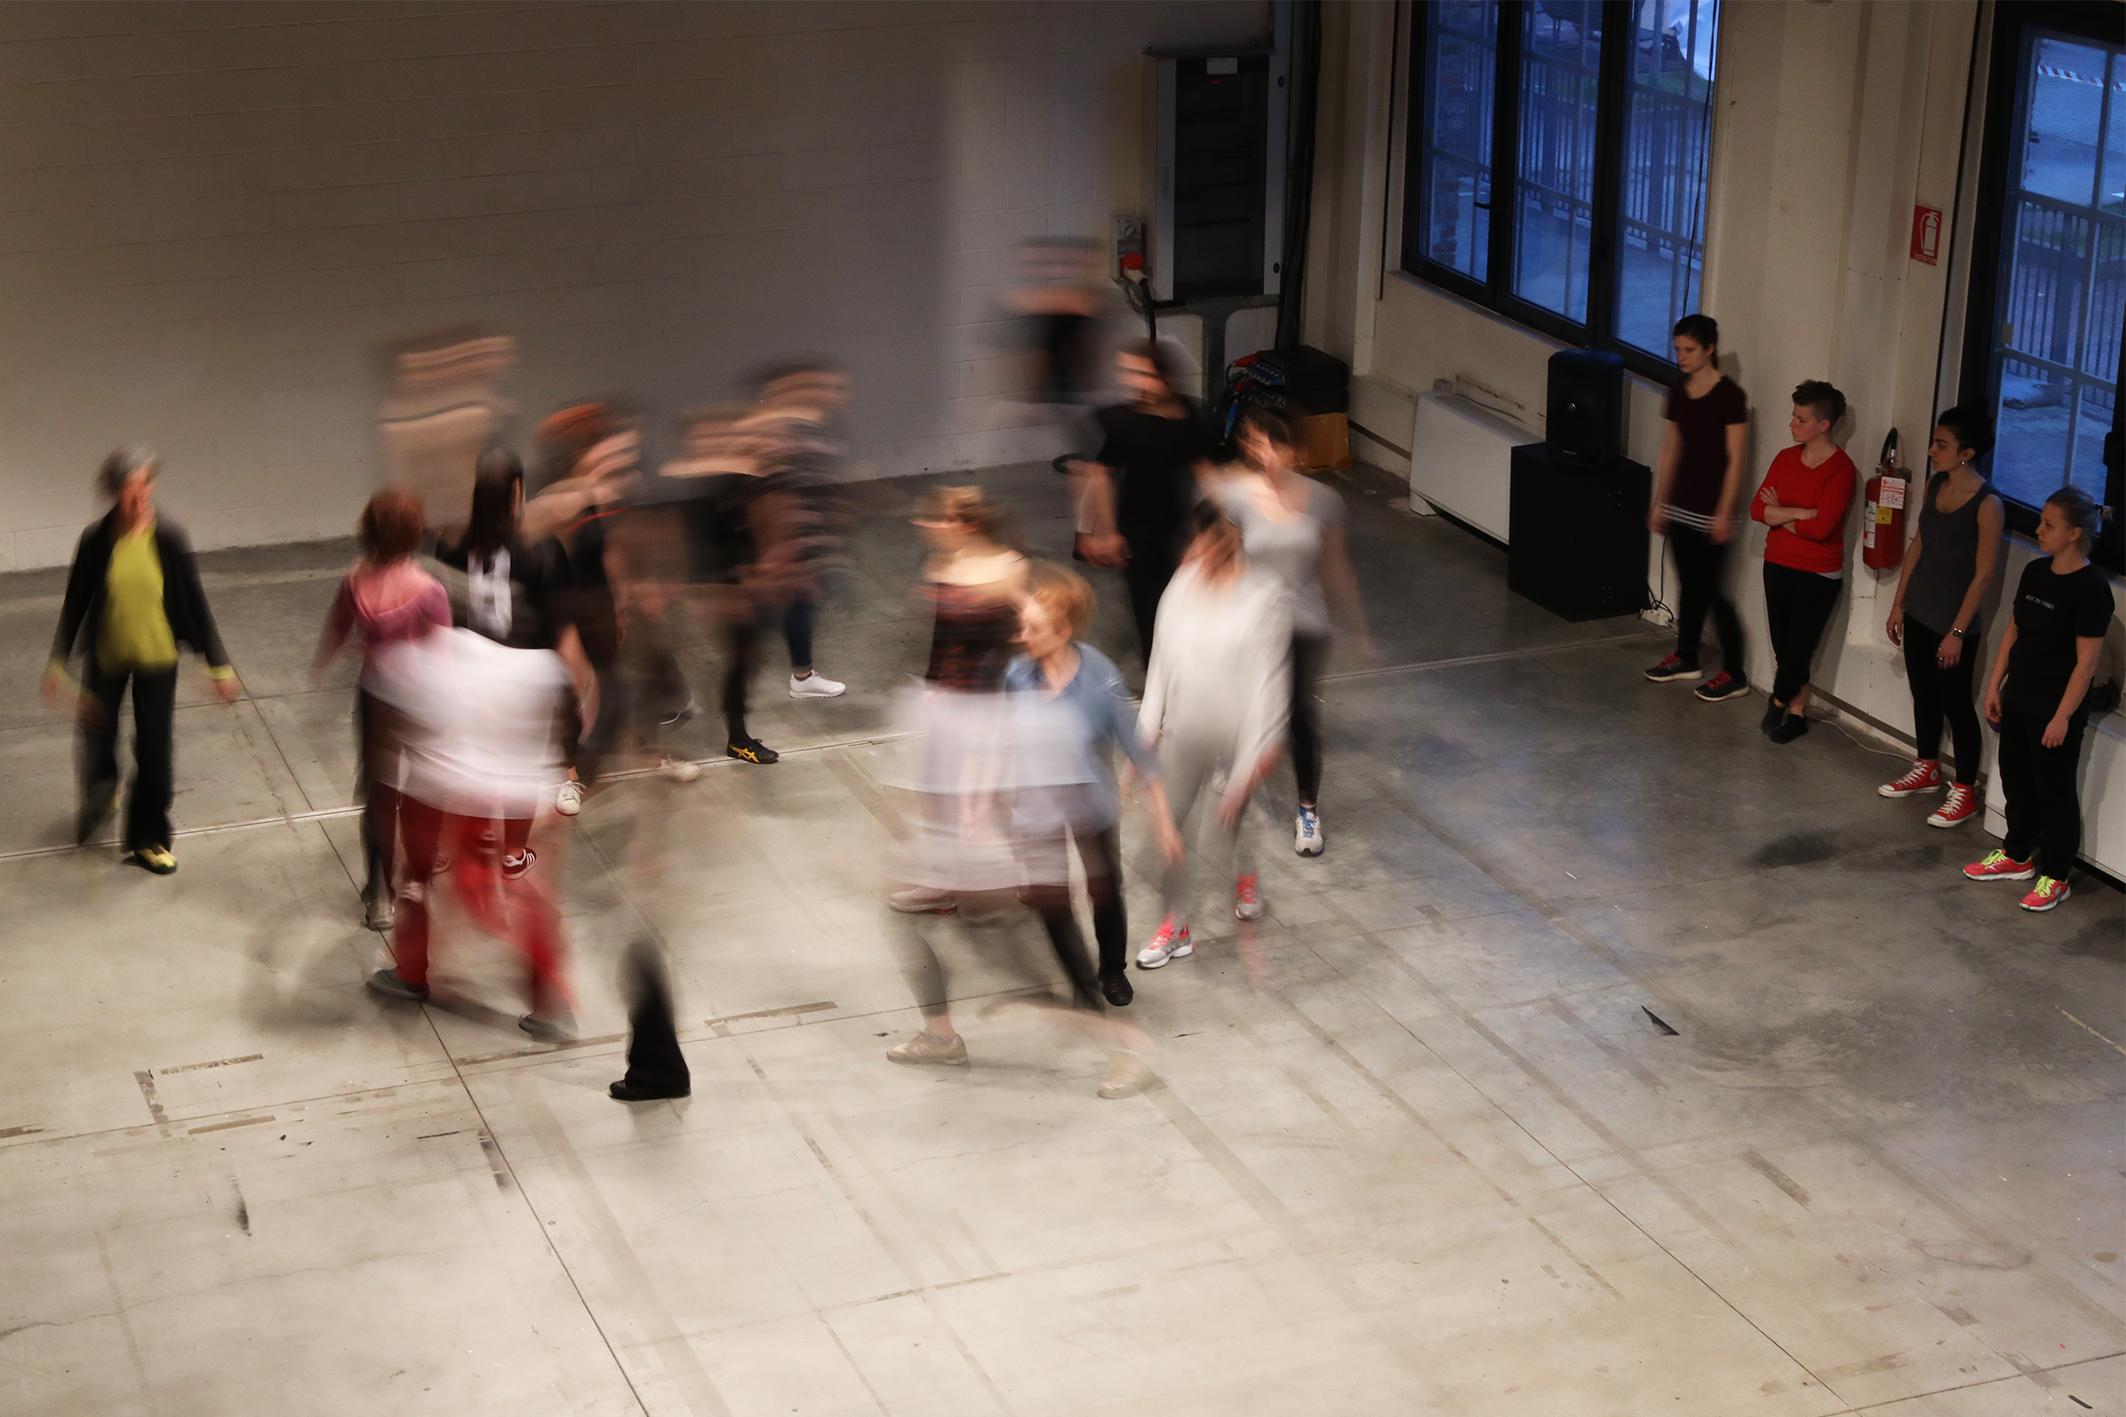 http://www.danzaurbana.eu/festival/wp-content/uploads/Stormo_1K1A5422_lite.jpg